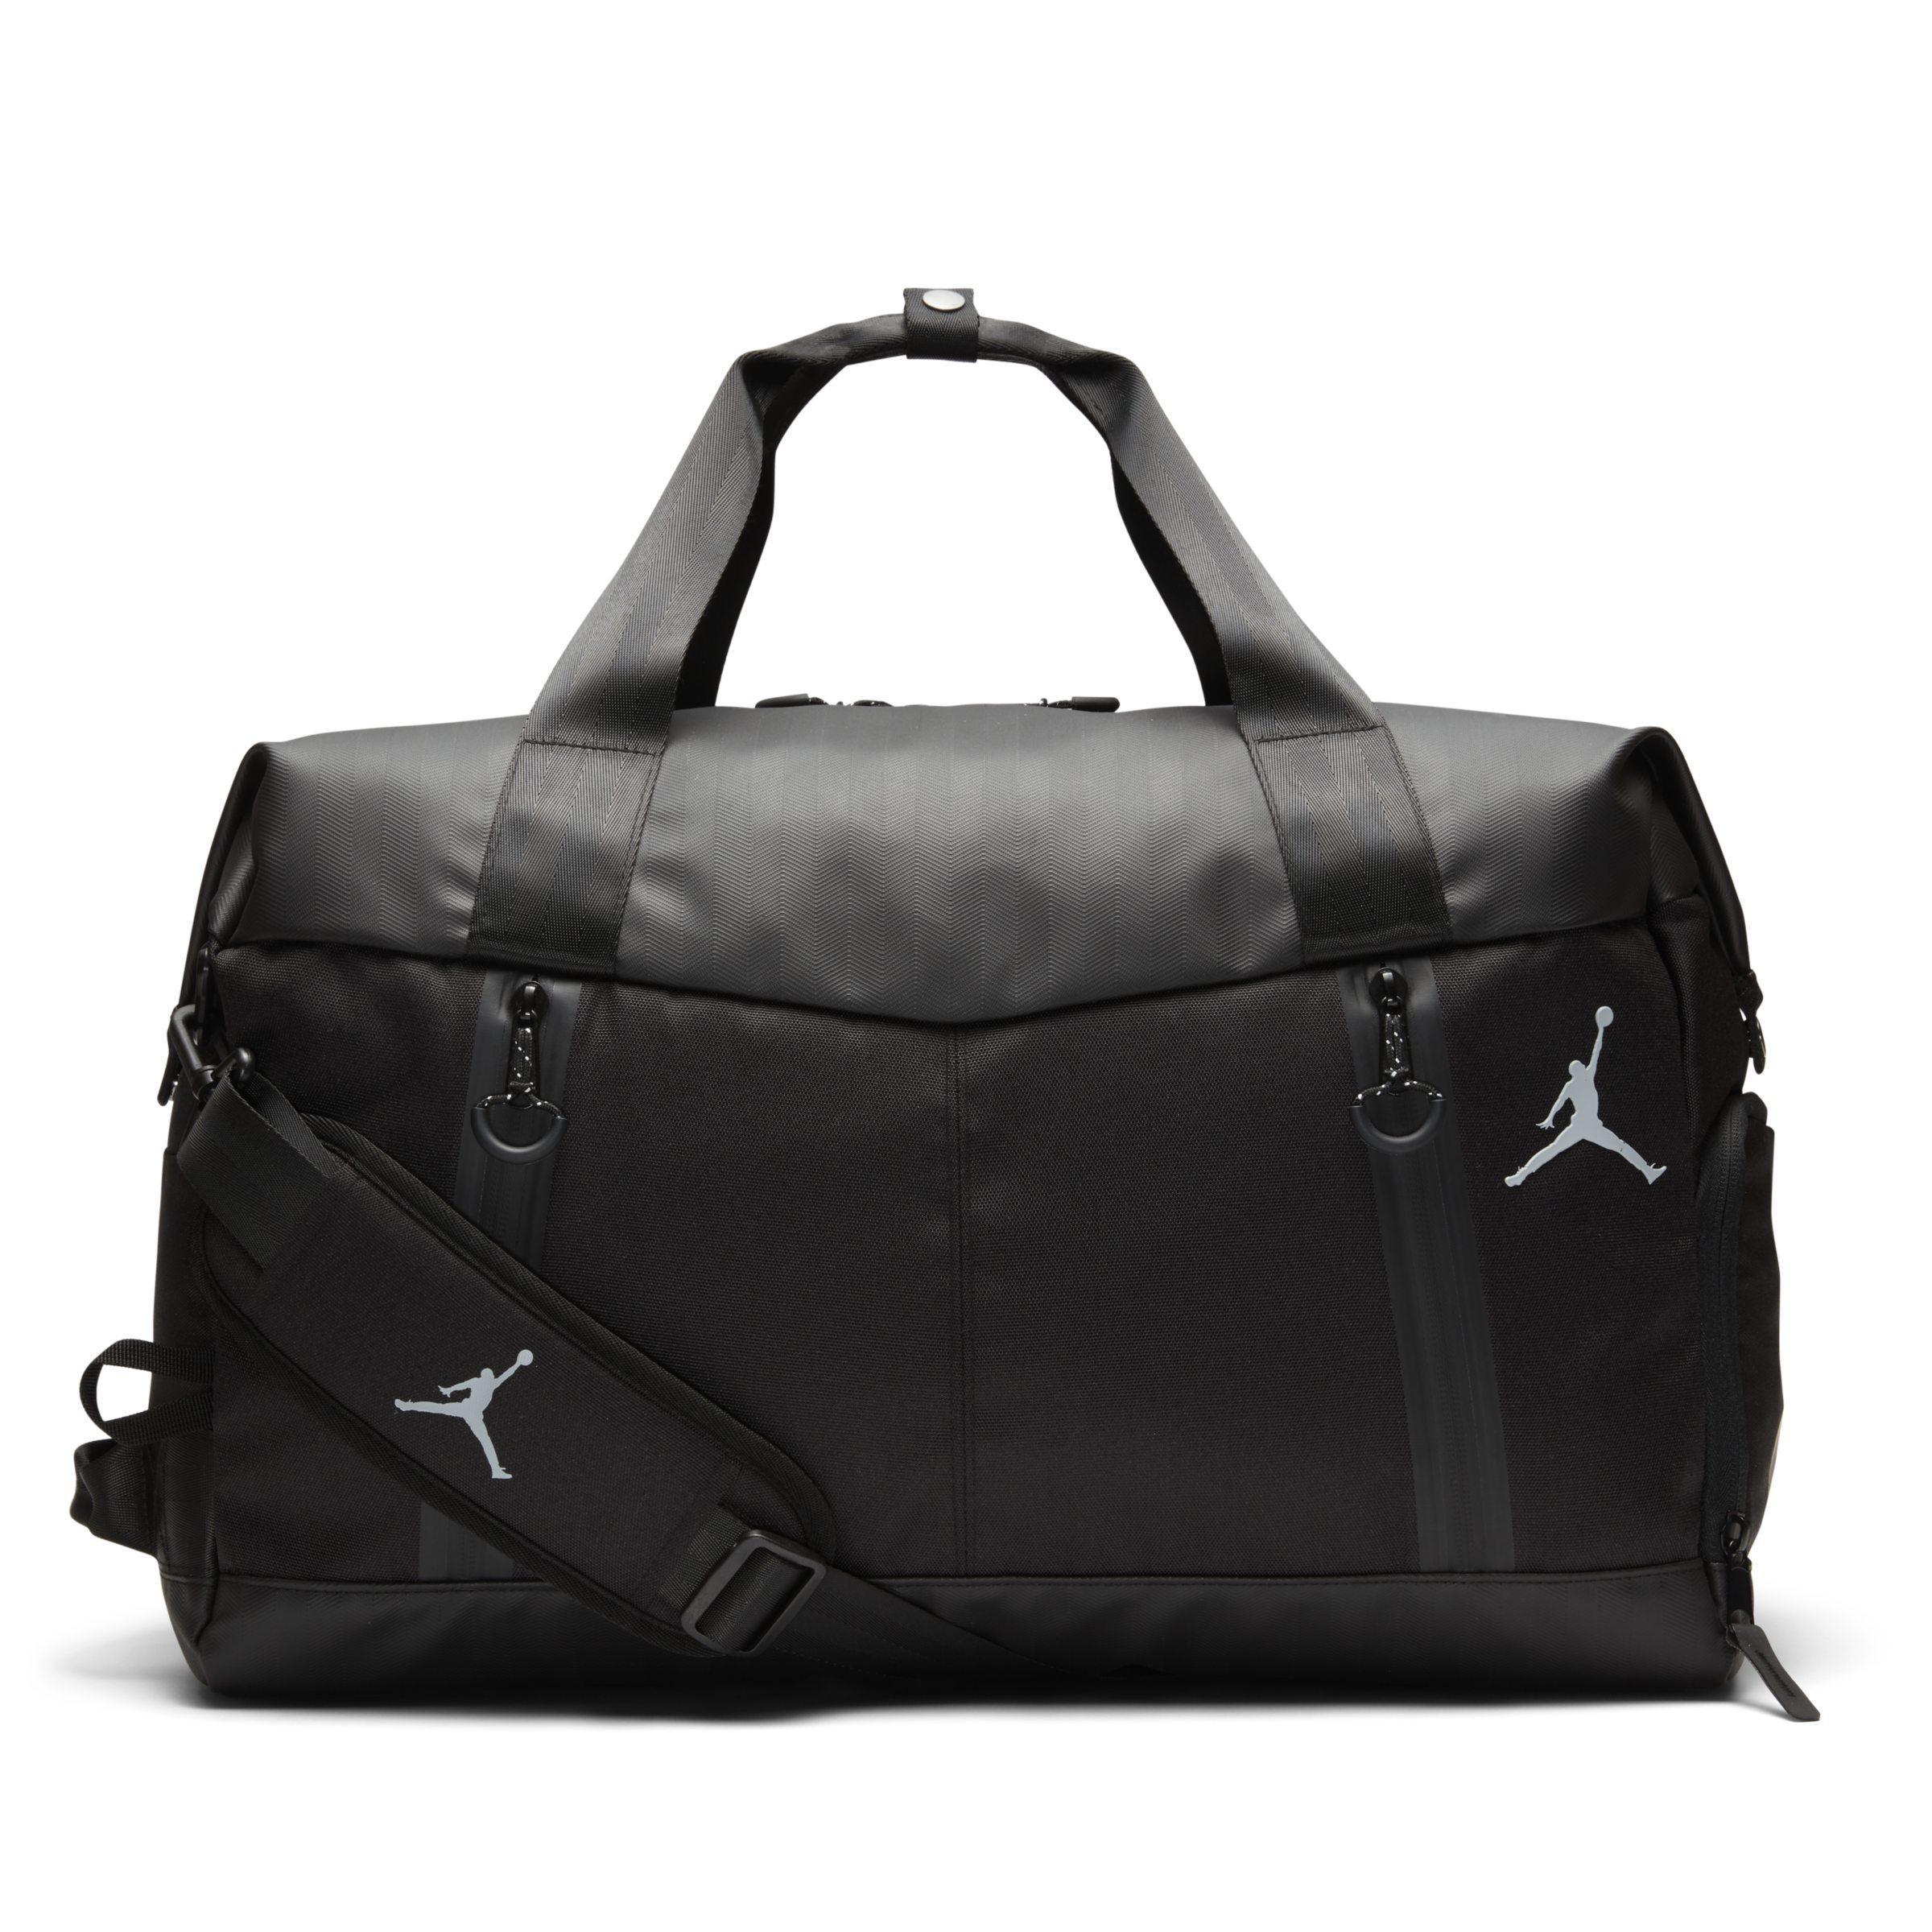 837ce87aefa Nike Jordan Airborne Weekender Duffel Bag in Black - Lyst